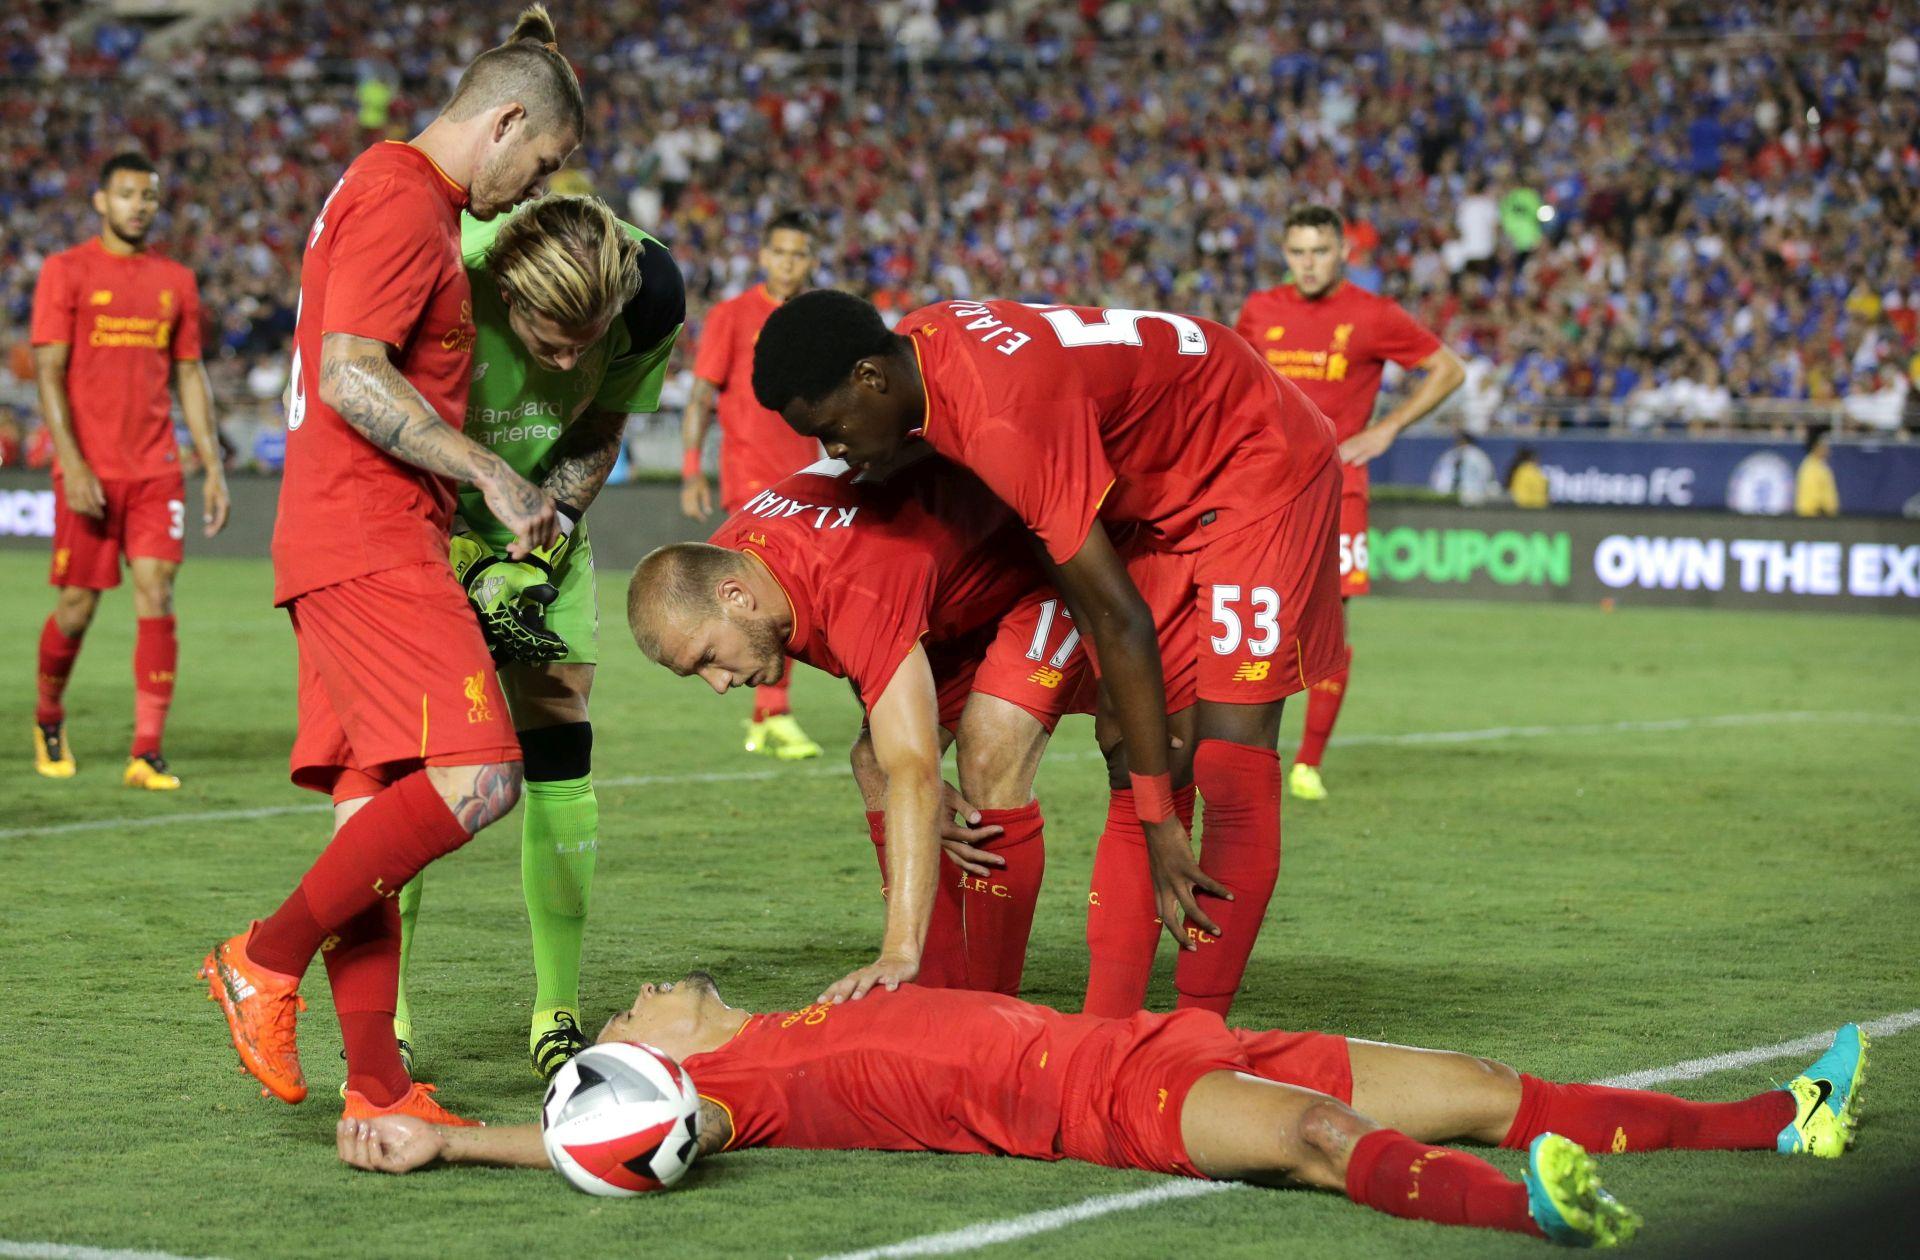 VIDEO: Lovrenova glava slomila ruku Liverpoolovom vrataru